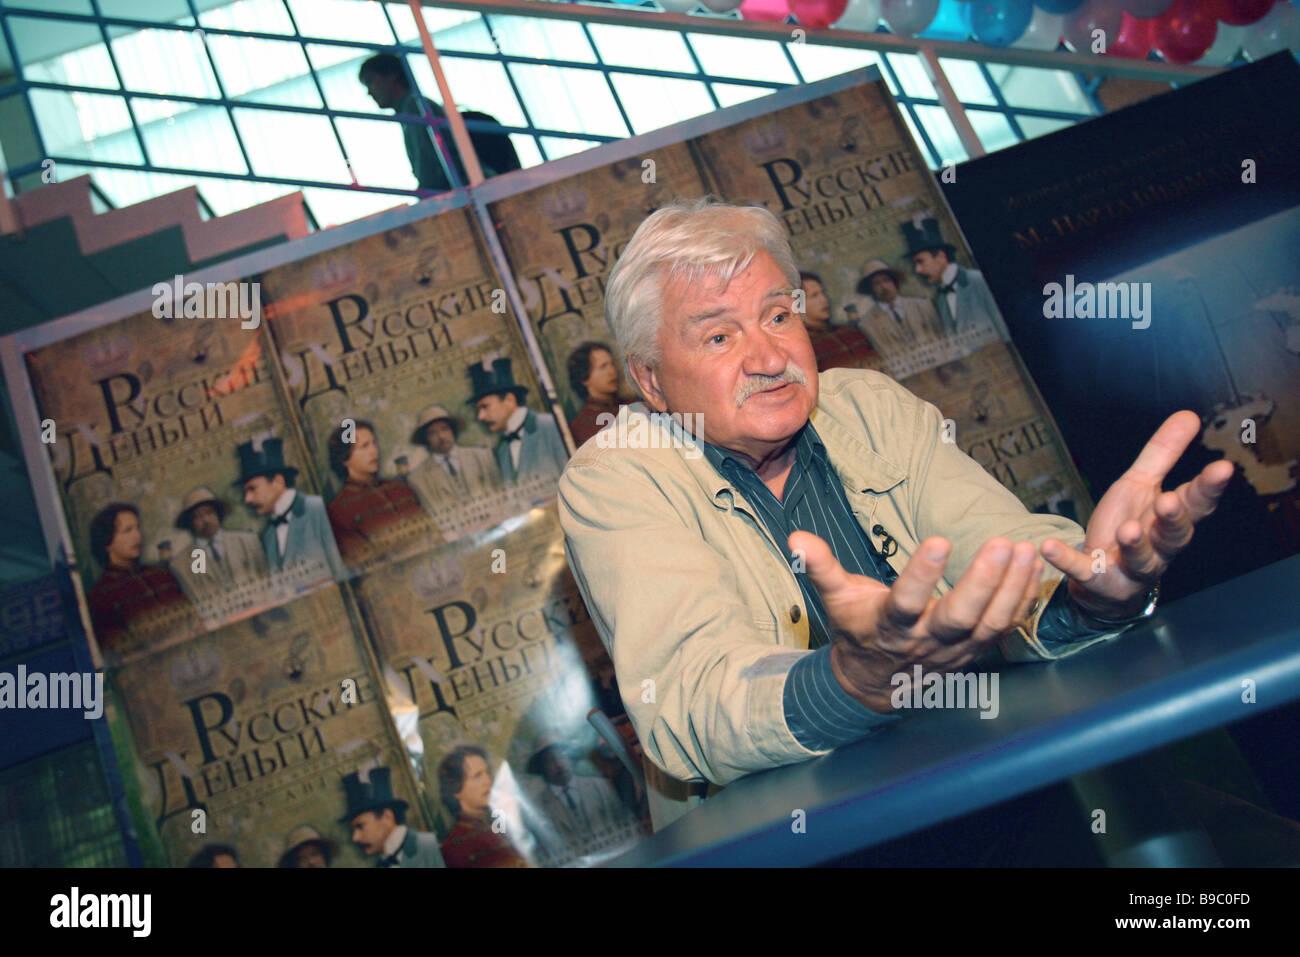 Regista cinematografica Igor Maslennikov con il poster del denaro russo il suo ultimo film Foto Stock